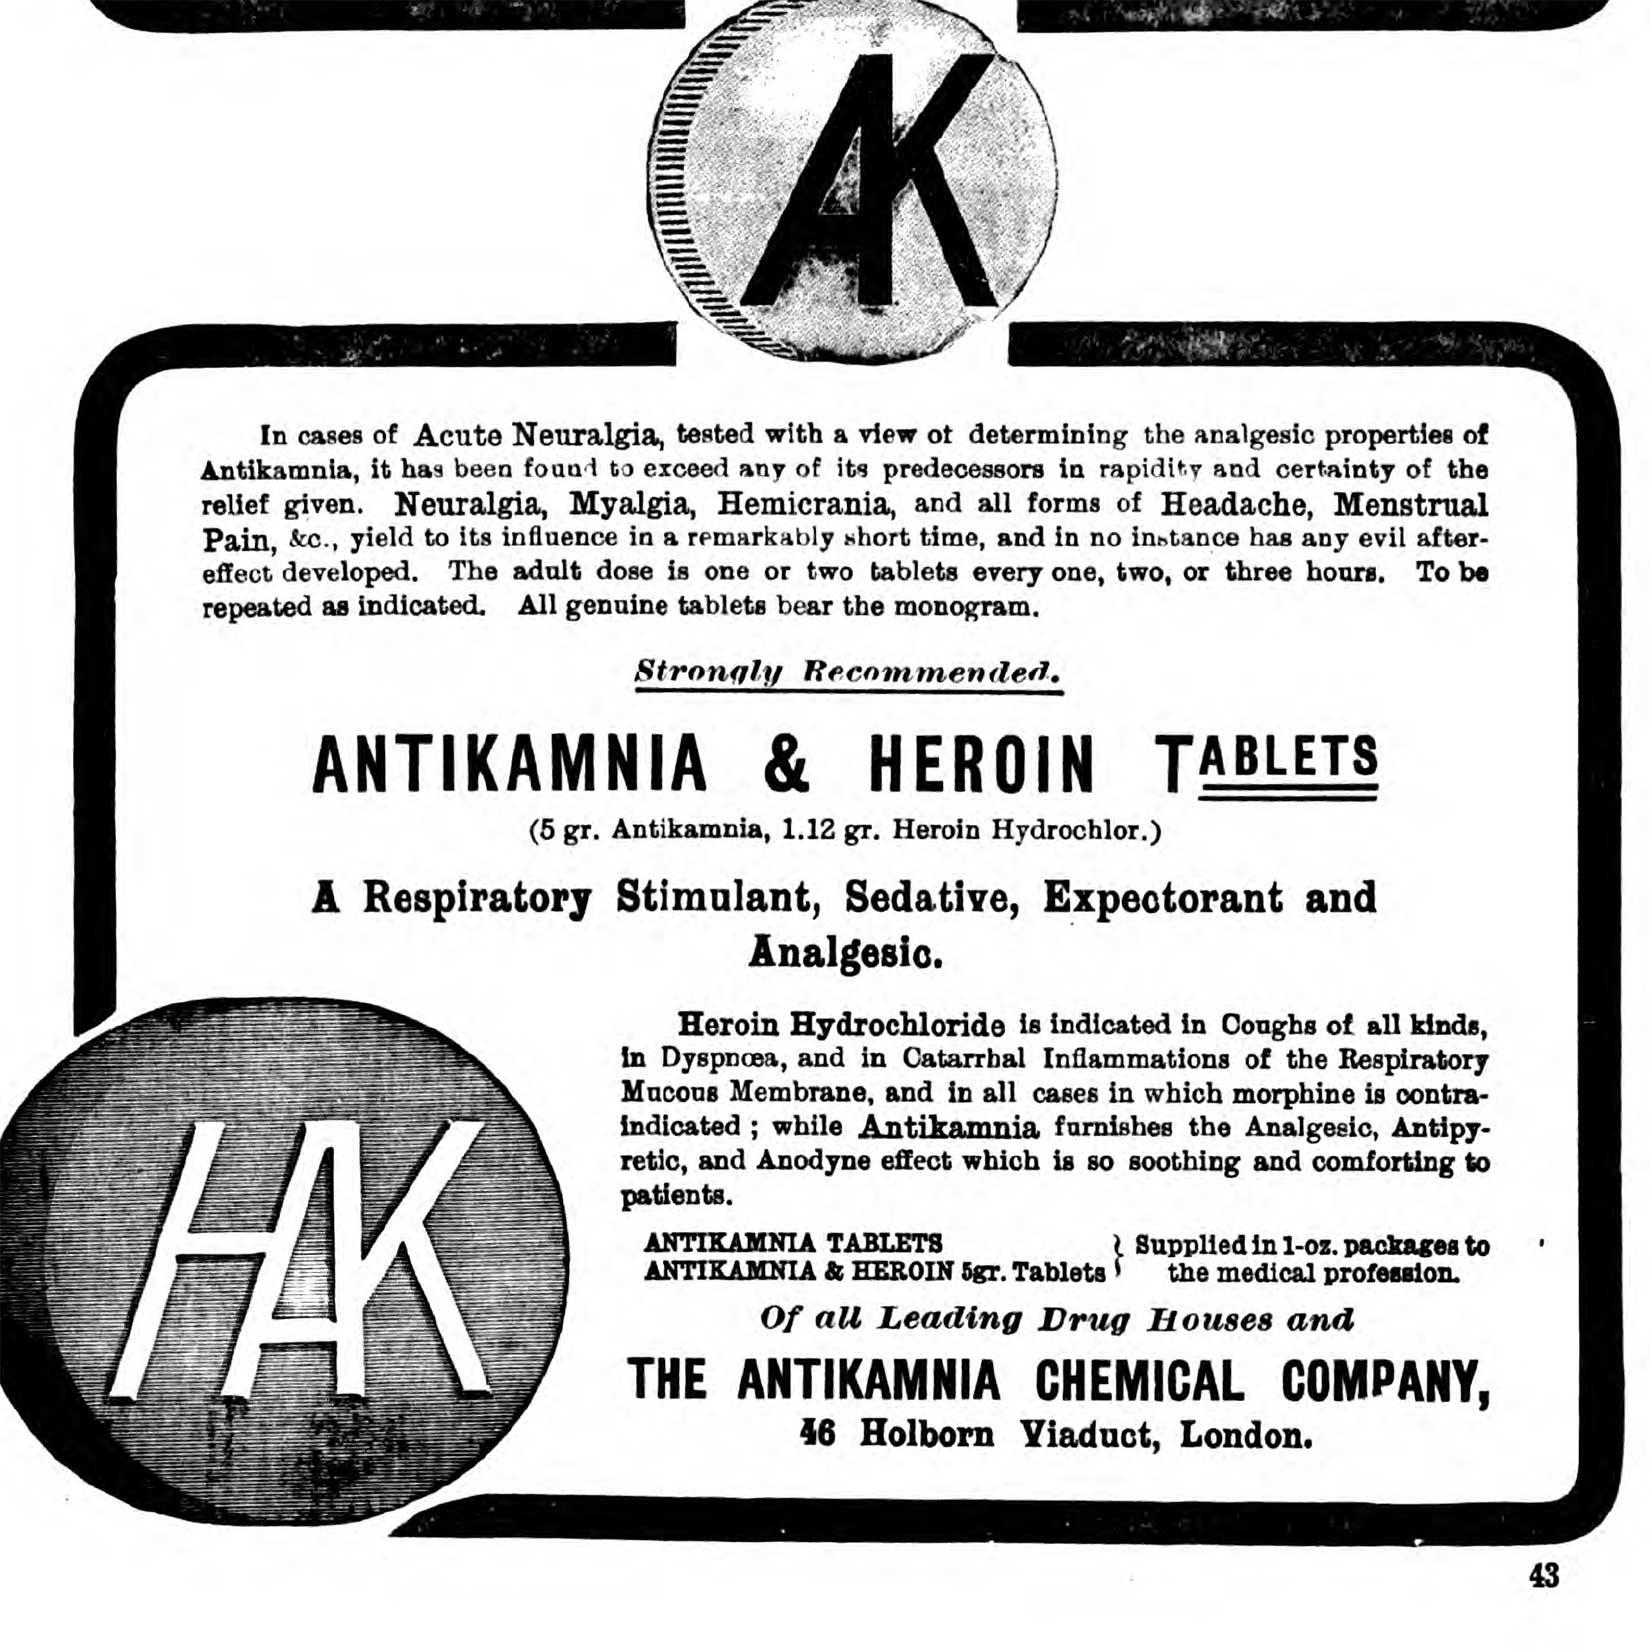 Antikamnia-Heroin-Lancet